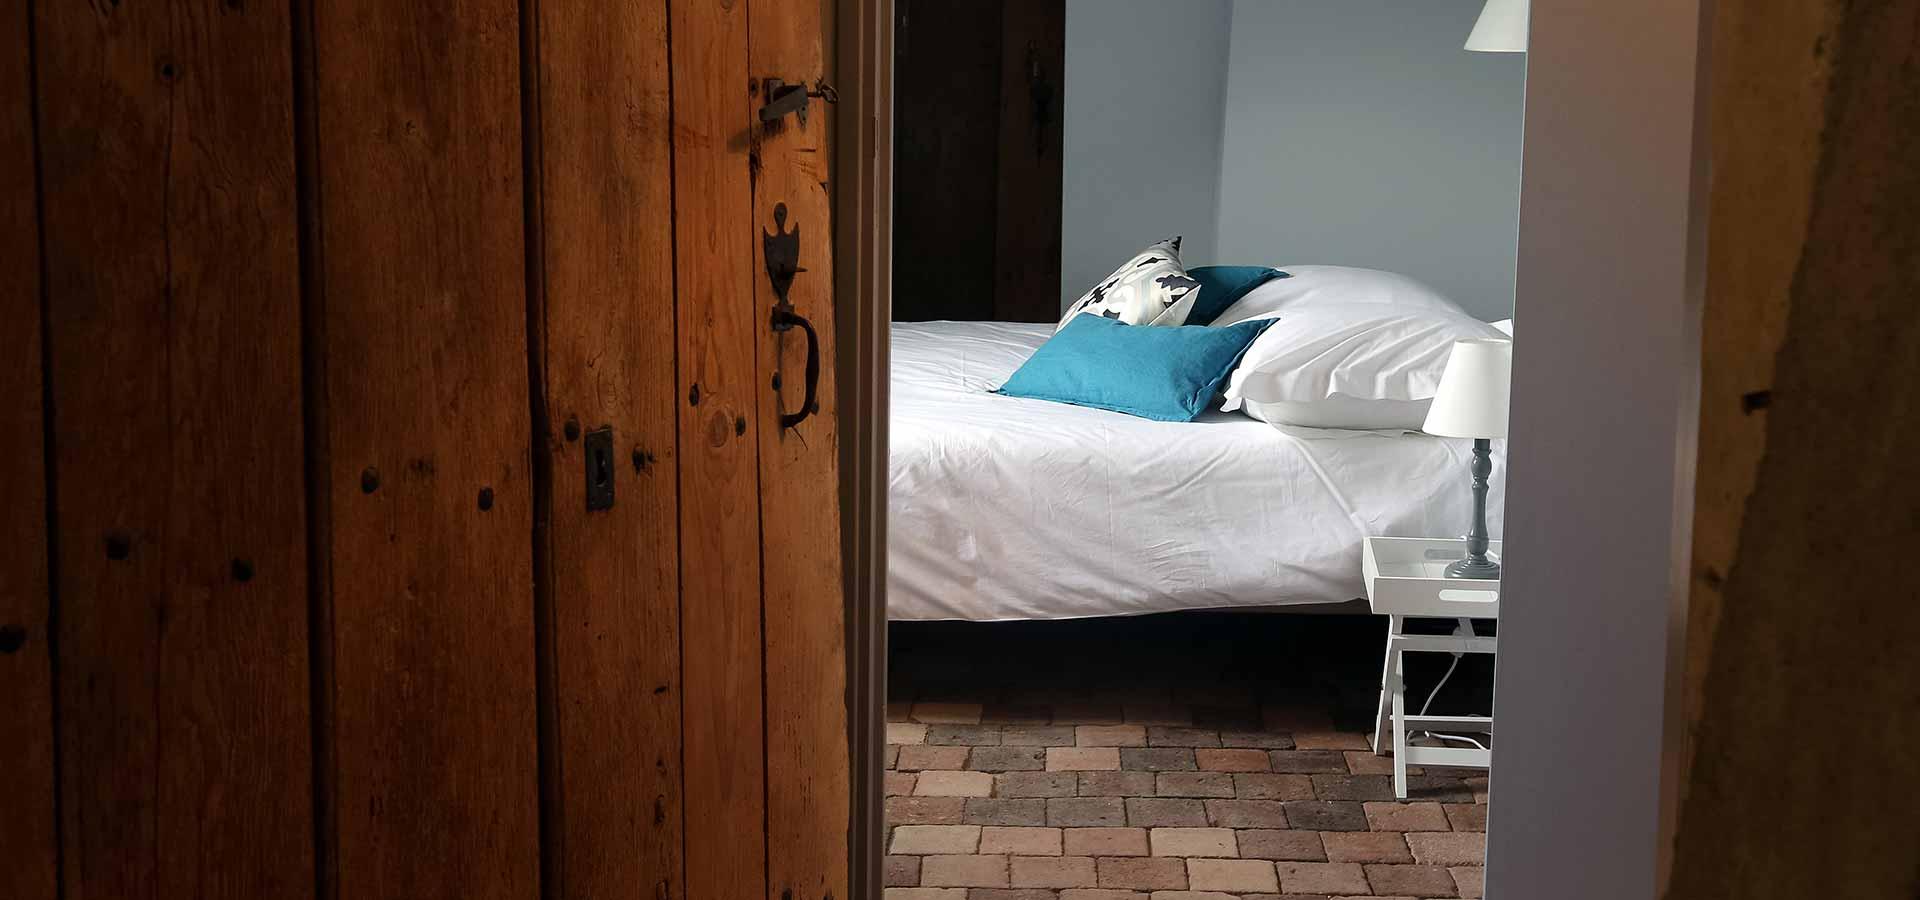 Décoré avec soin, le Gîte des Barres dispose de plusieurs chambres pour accueillir vos invités dans la région de Tours.